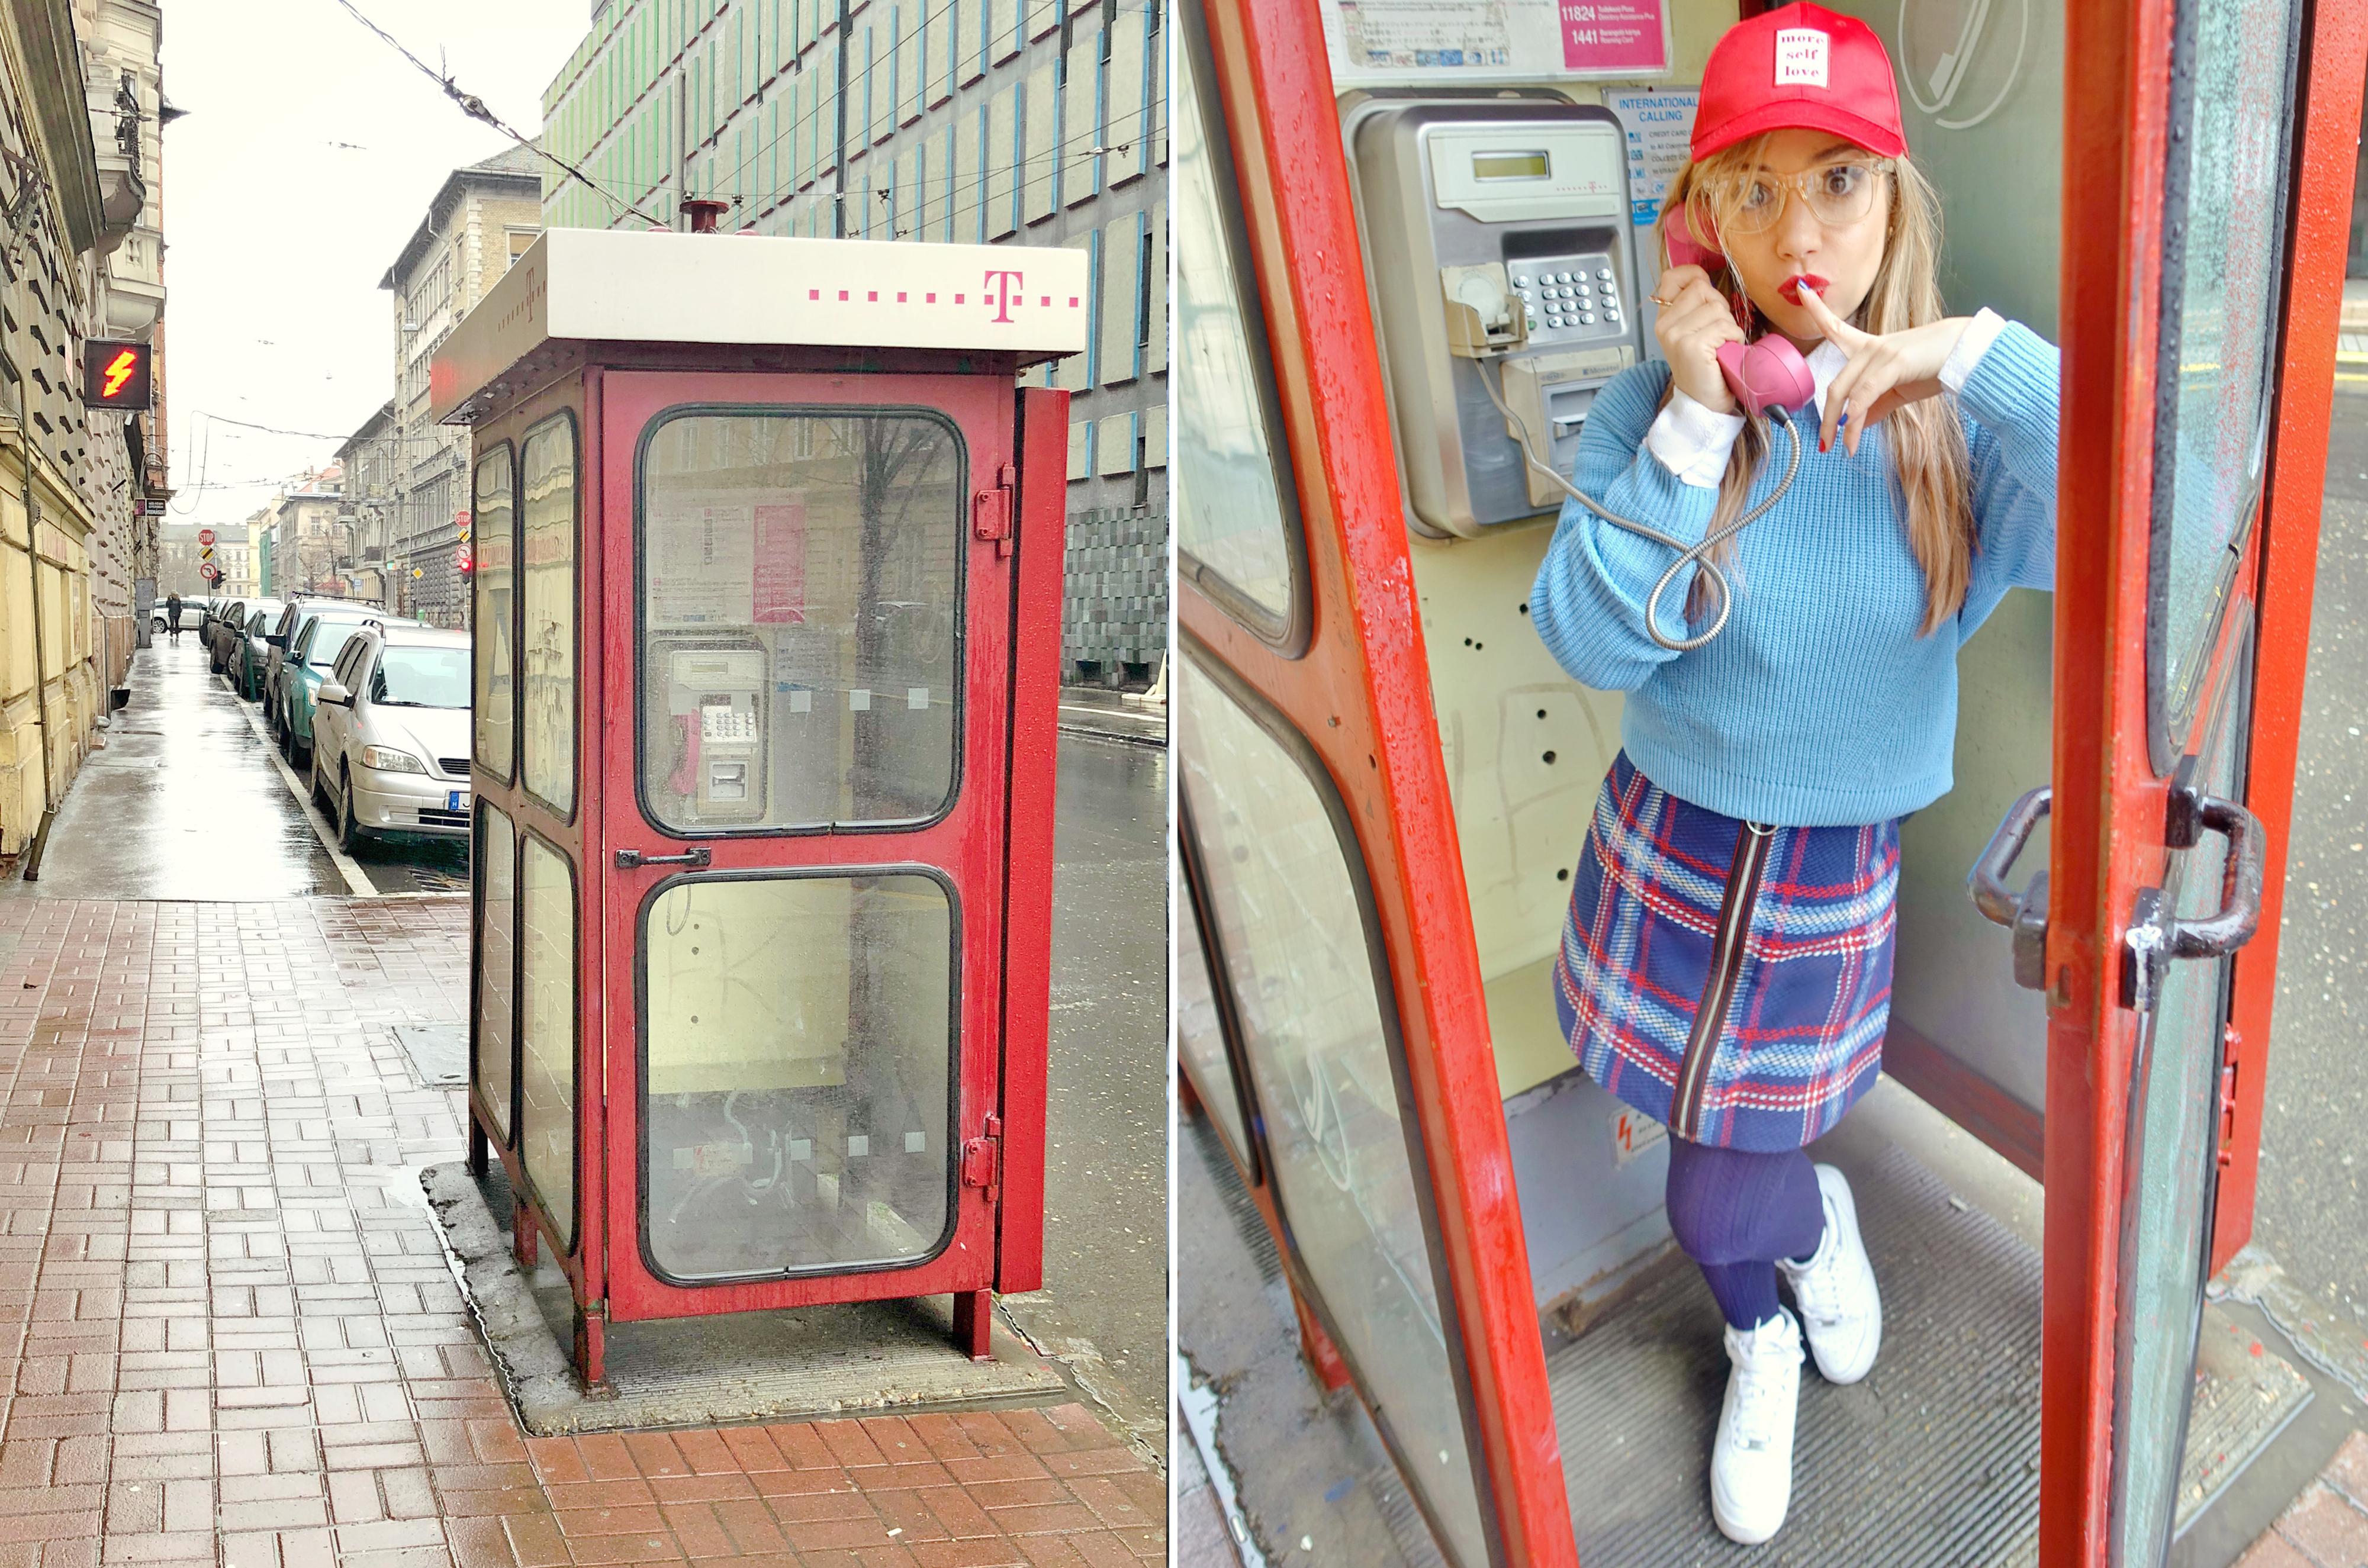 Blog-de-moda-ChicAdicta-falda-de-cuadros-zapatillas-blancas-stradivarius-look-Chic-Adicta-influencer-travel-blogger-PiensaenChic-Piensa-en-Chic